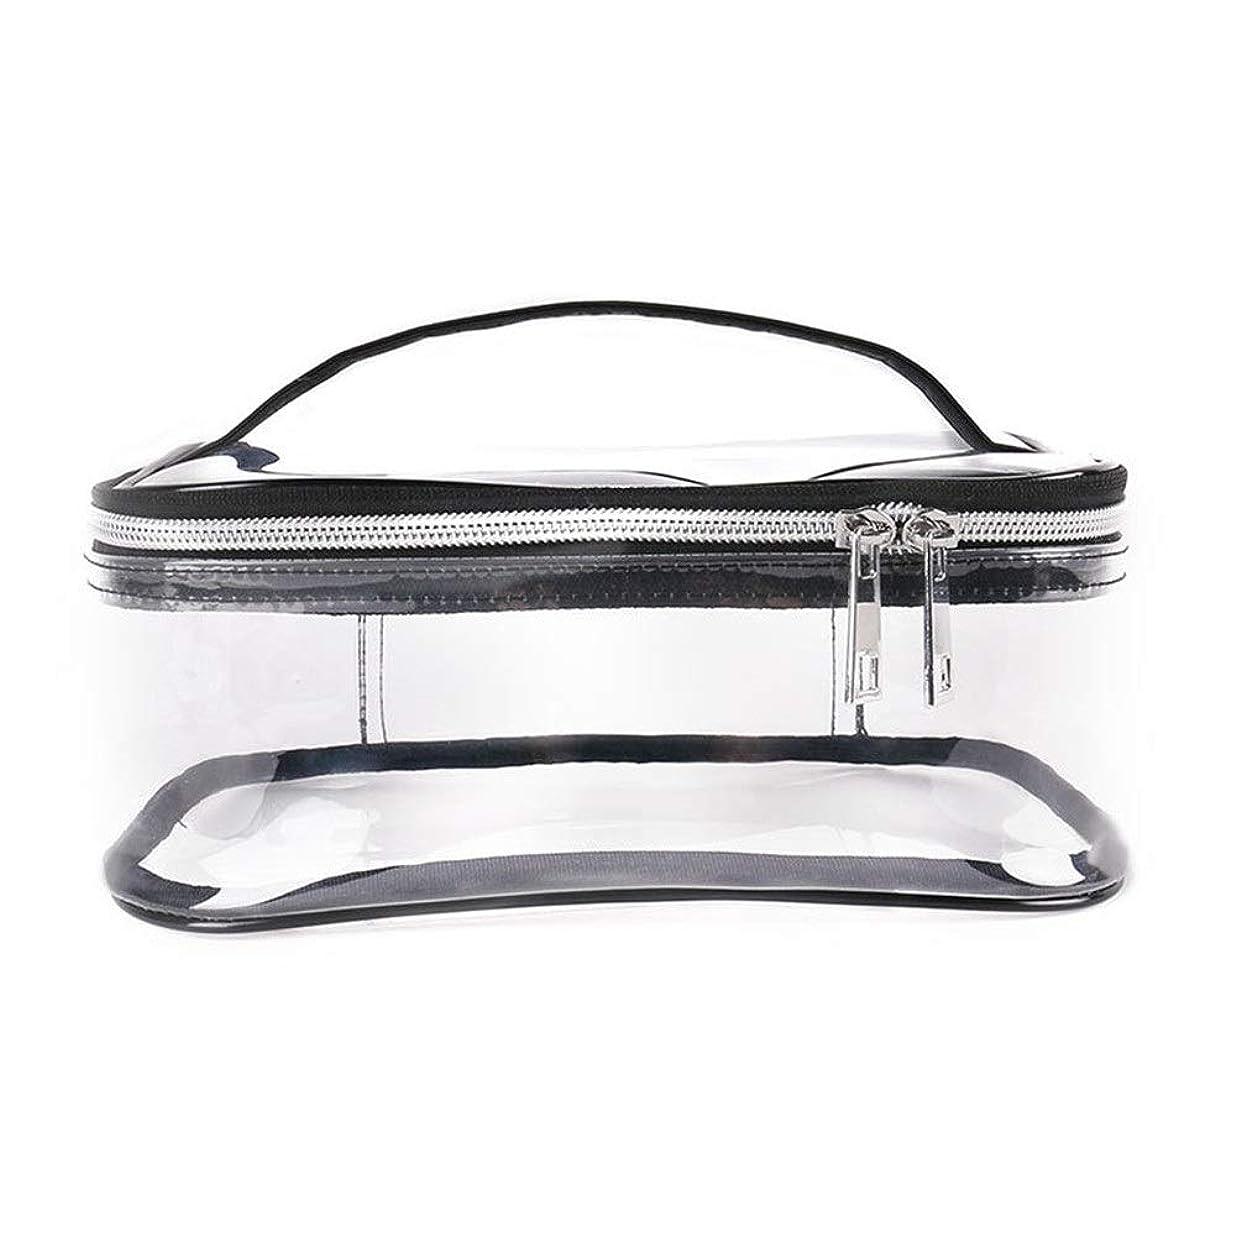 デコラティブ酔ってコイルKYAWJY ポータブルスクエアバッグ、環境に優しい透明化粧品バッグ、旅行大容量収納バッグ、防水収納バッグ、屋外ウォッシュバッグ